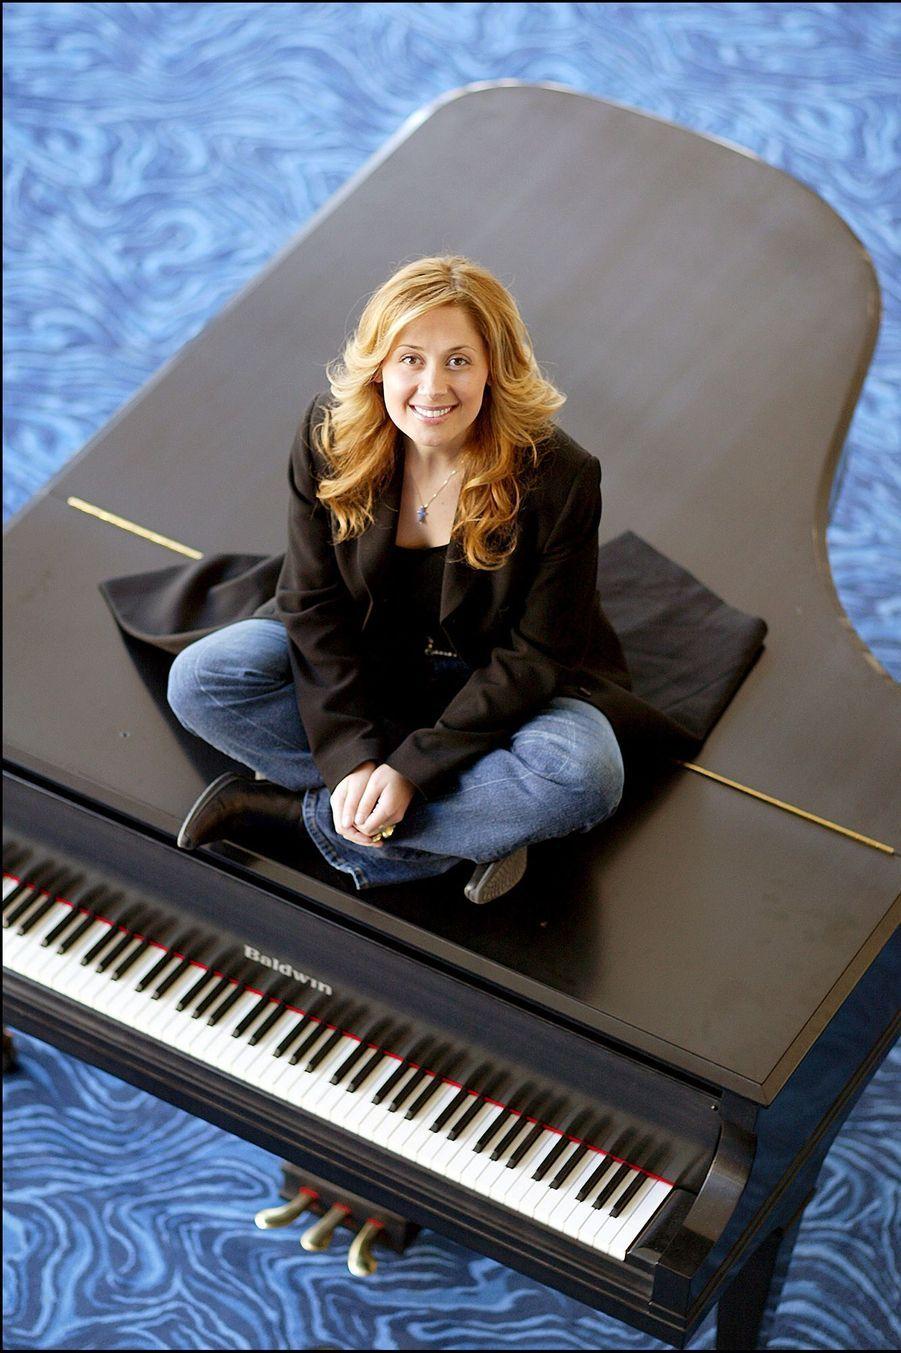 Lara Fabian, avant son spectacle avec l'Orchestre Symphonique de Montreal, le 23 février 2004.